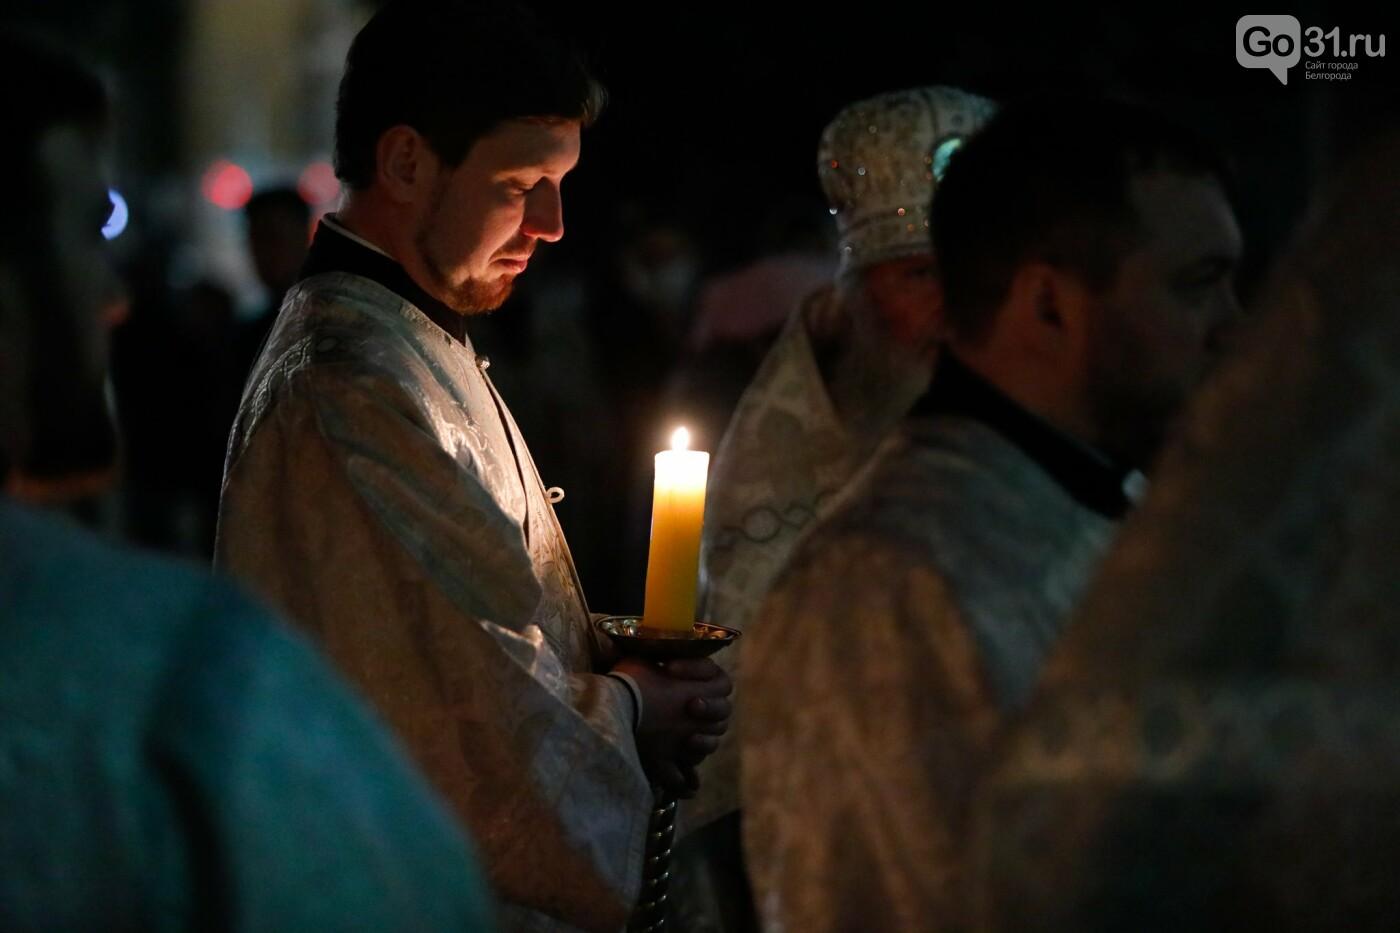 Пасхальное богослужение в Преображенском соборе Белгорода, Фото: Антон Вергун